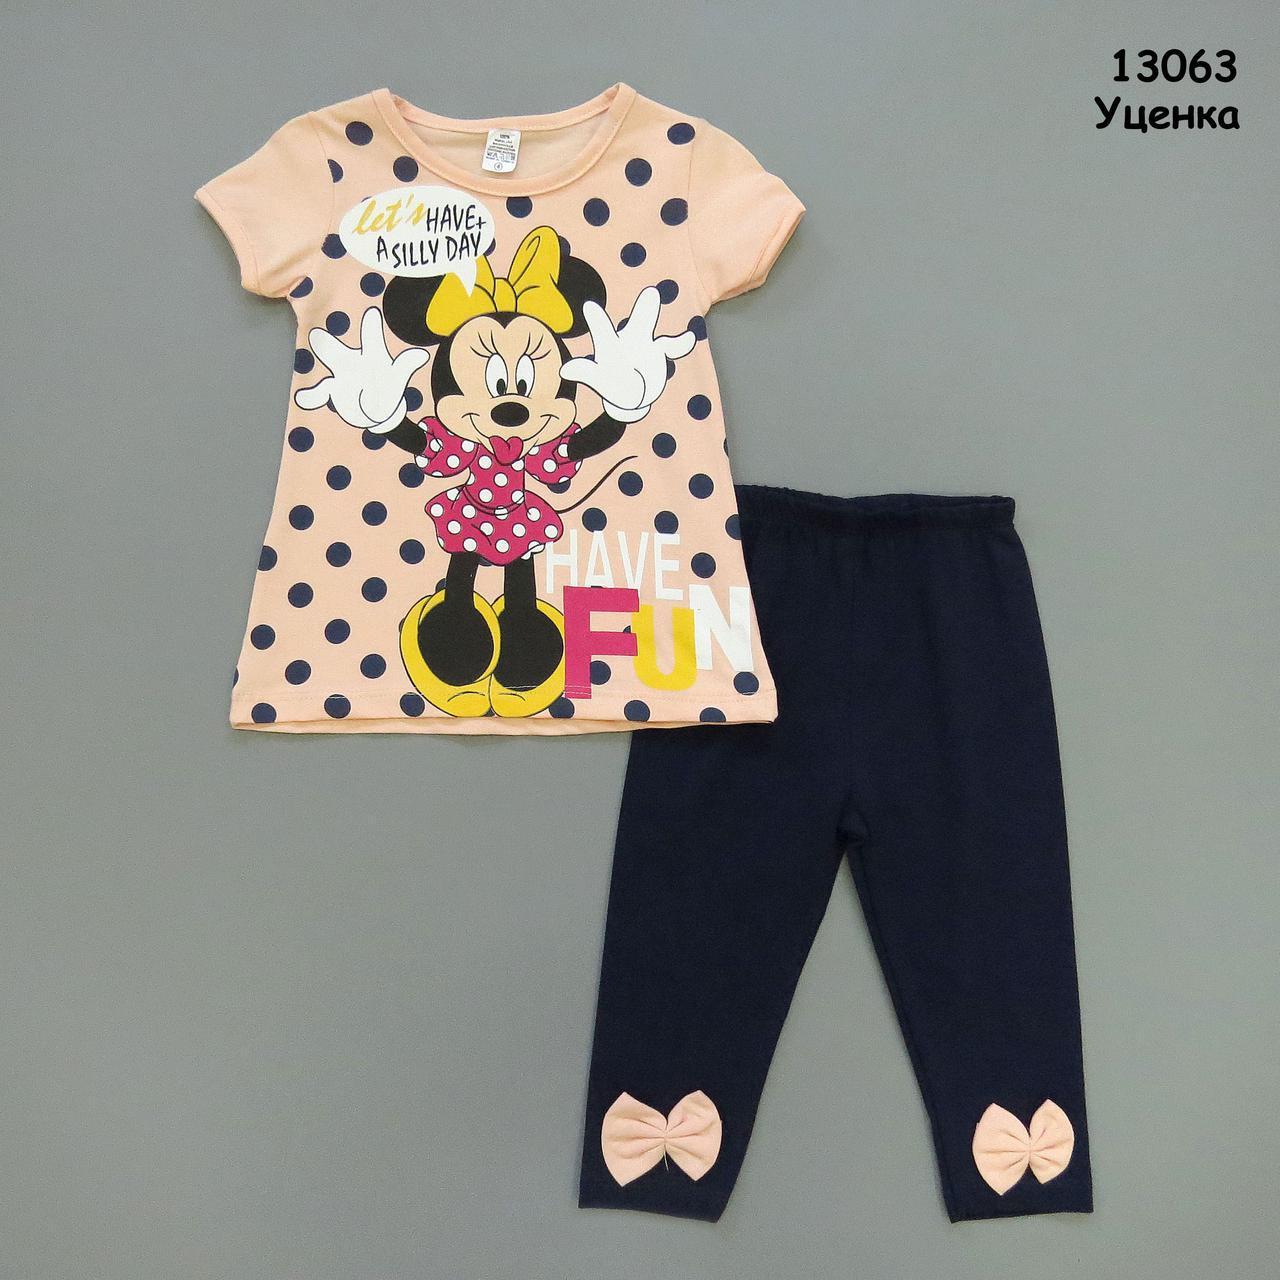 Летний костюм Minnie Mouse для девочки. Маломерит. 5 лет